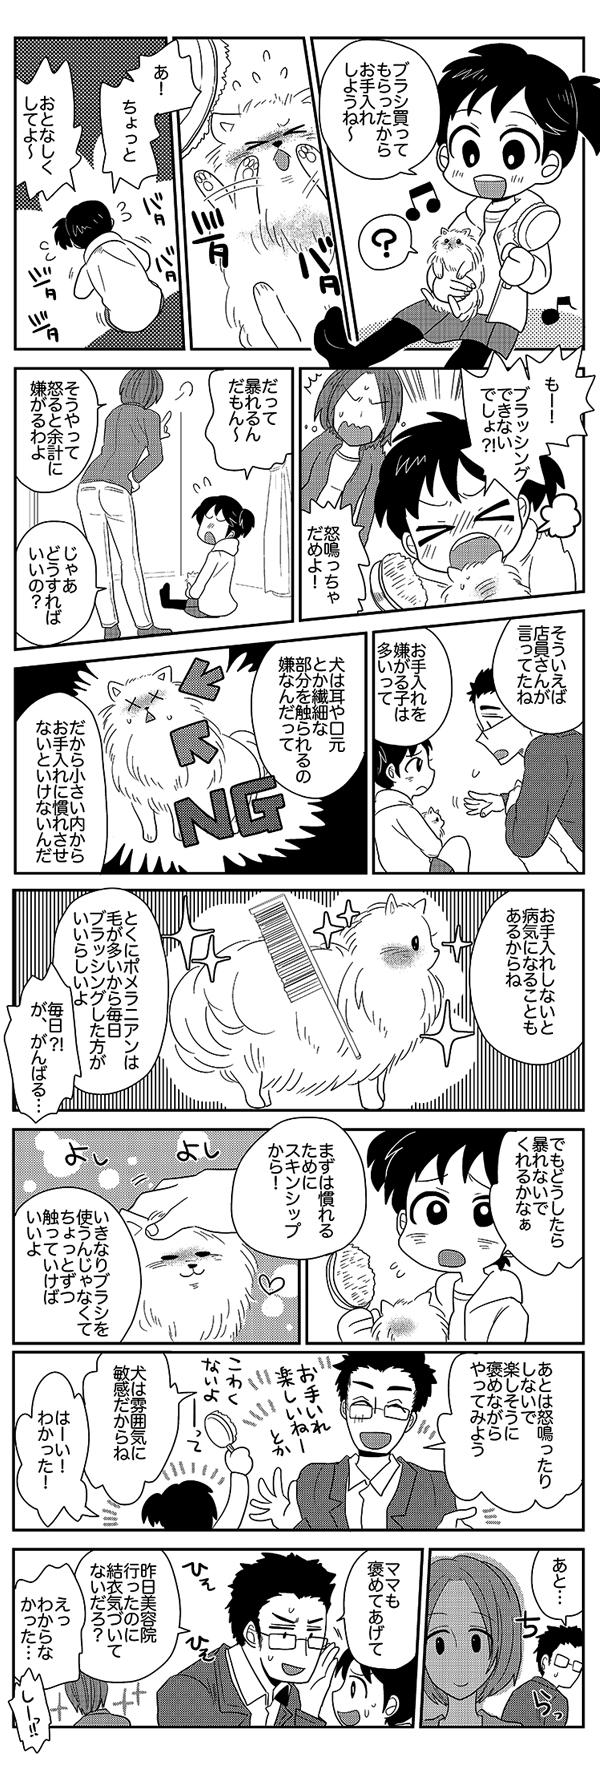 ポメラニアン漫画7